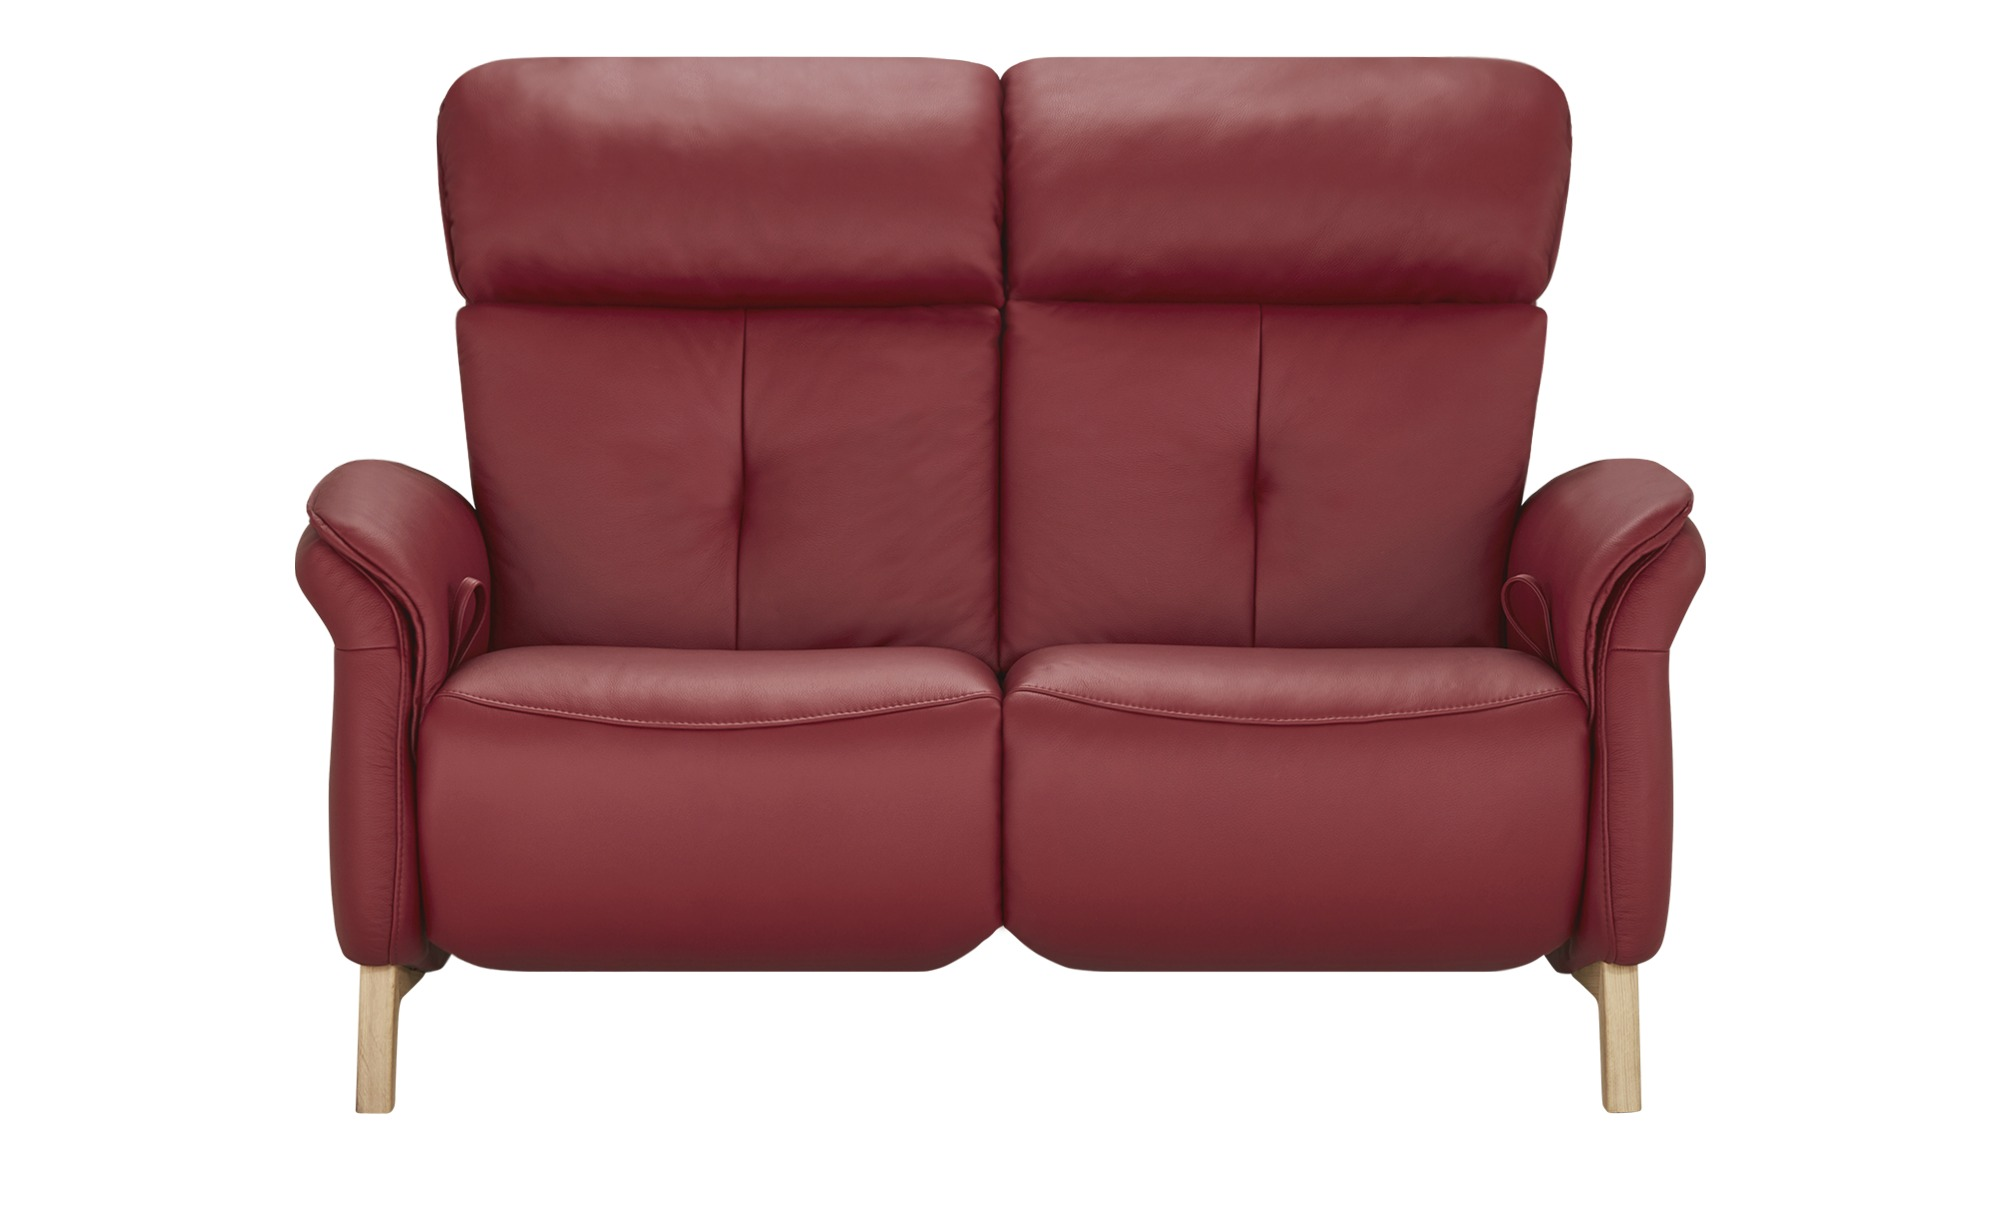 himolla Einzelsofa  4708 ¦ rot ¦ Maße (cm): B: 147 H: 97 T: 106 Polstermöbel > Sofas > 2-Sitzer - Höffner